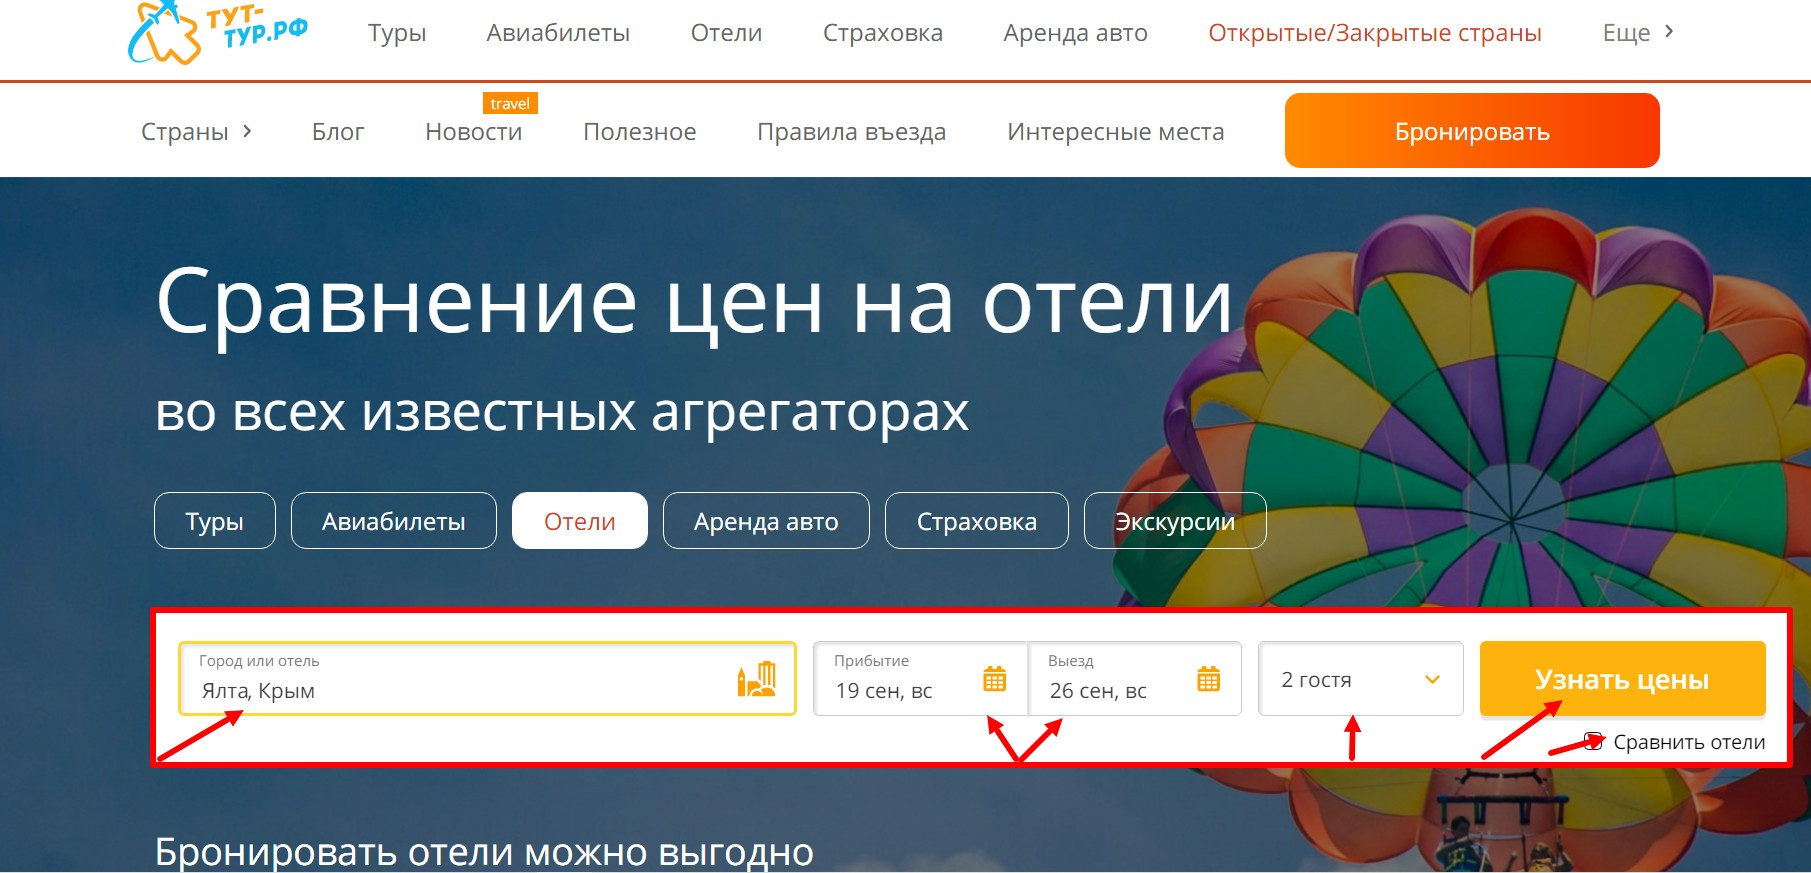 Пример поиска отеля в Крыму